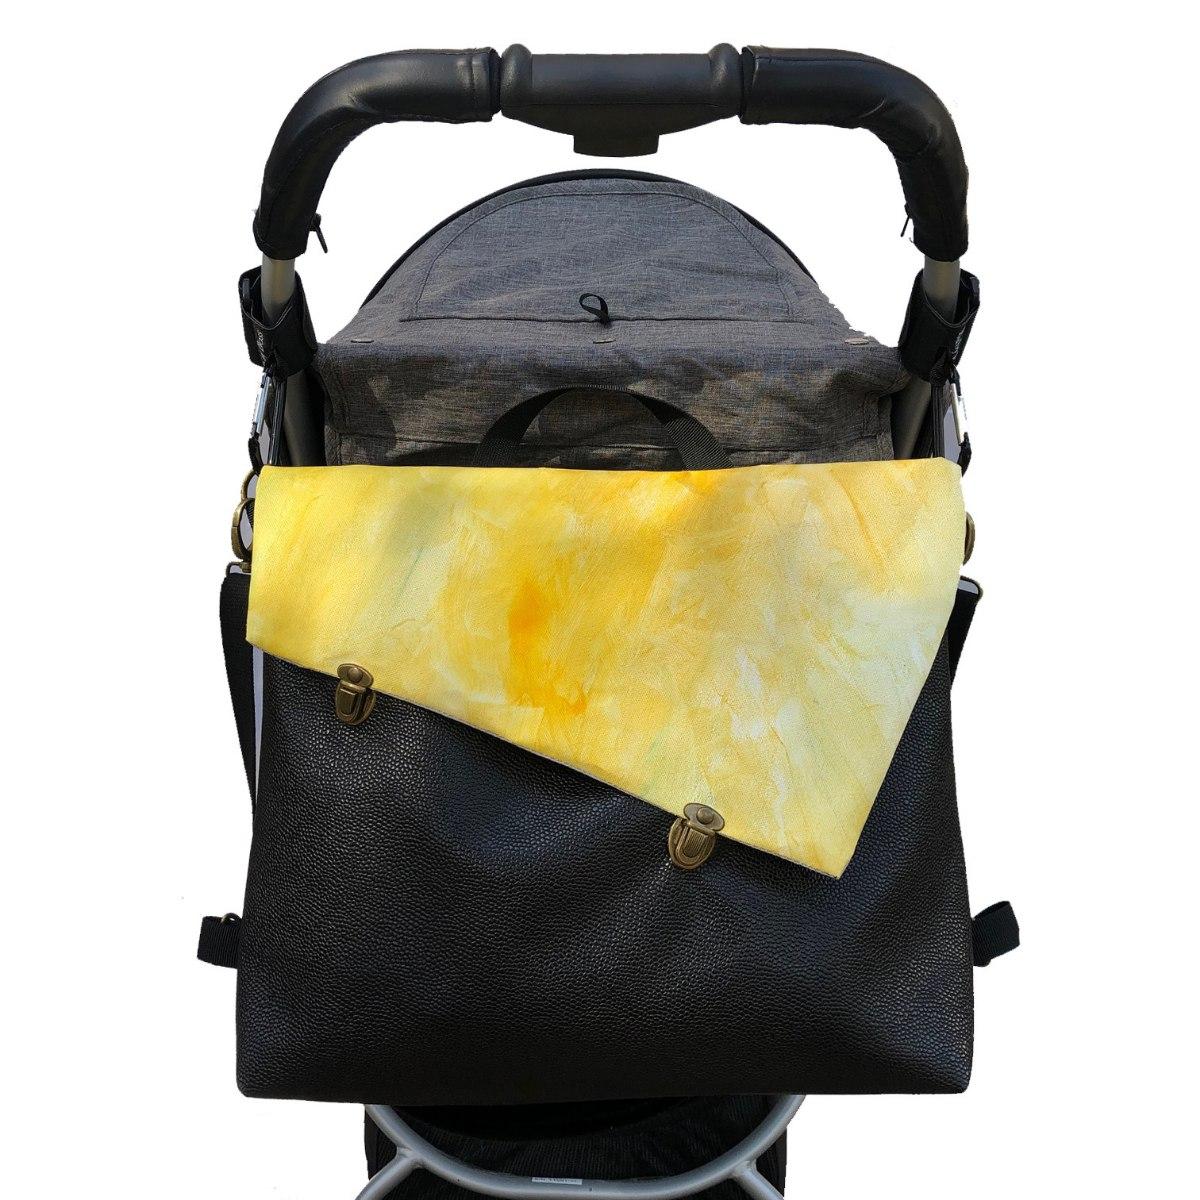 תיק עגלה, לאם ולילד, תיק החתלה בצבע שחור וצהוב